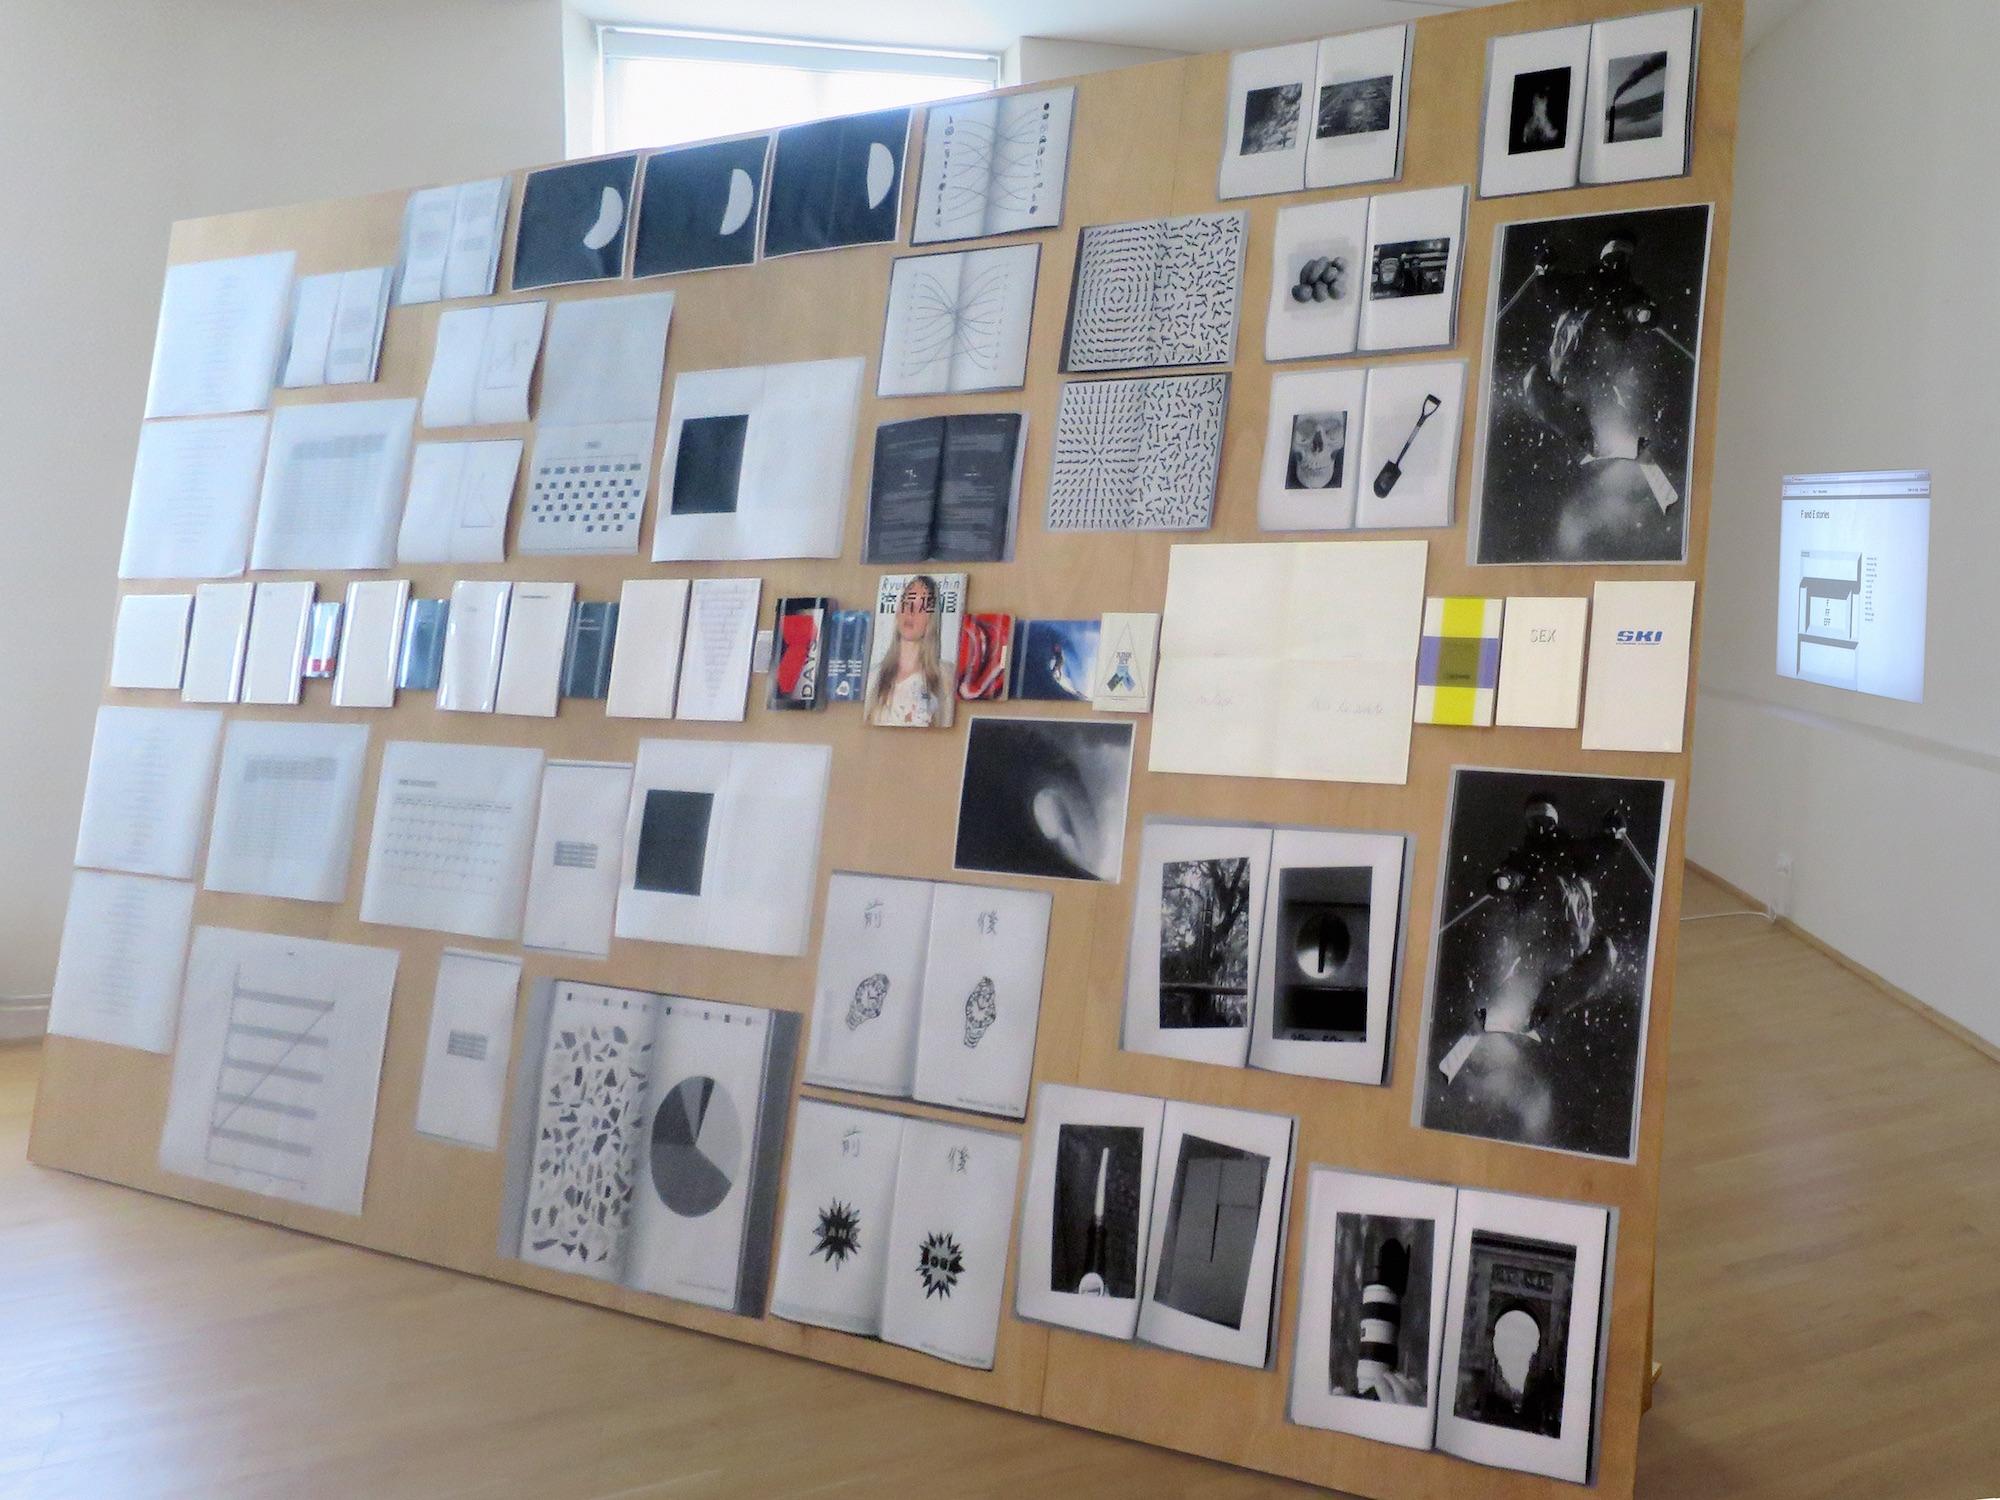 Claude Closky, 'ILUO,' Centre des livres d'artistes (CDLA), Saint-Yrieix-la-Perche. 23 June - 16 September 2017. Curated by Christian Lebrat, Didier Mathieu. Salle 3 entrée.jpg